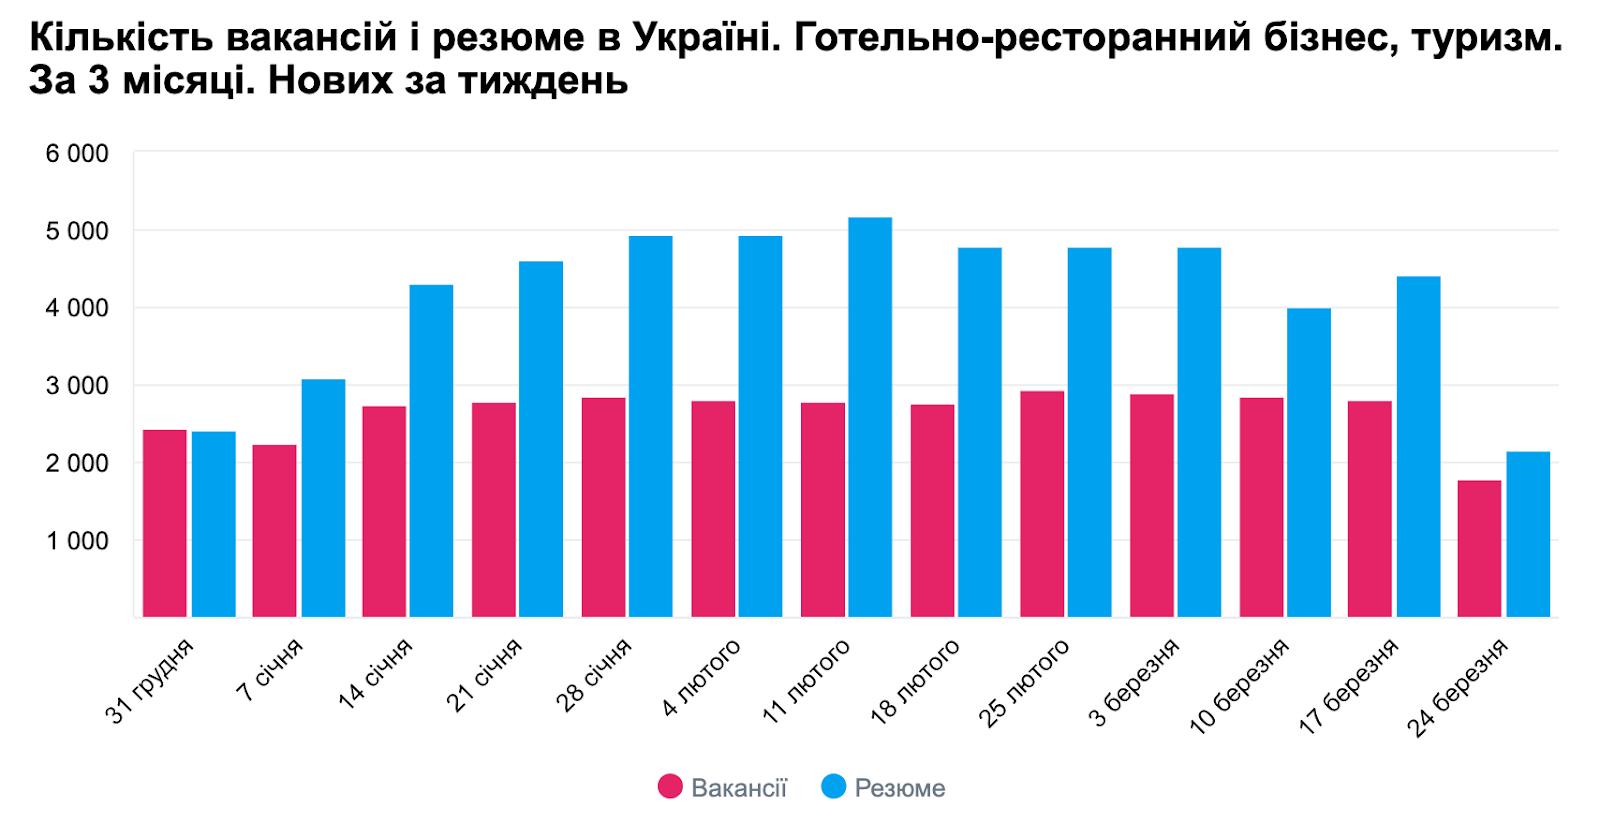 Вакансії у туризмі Україна